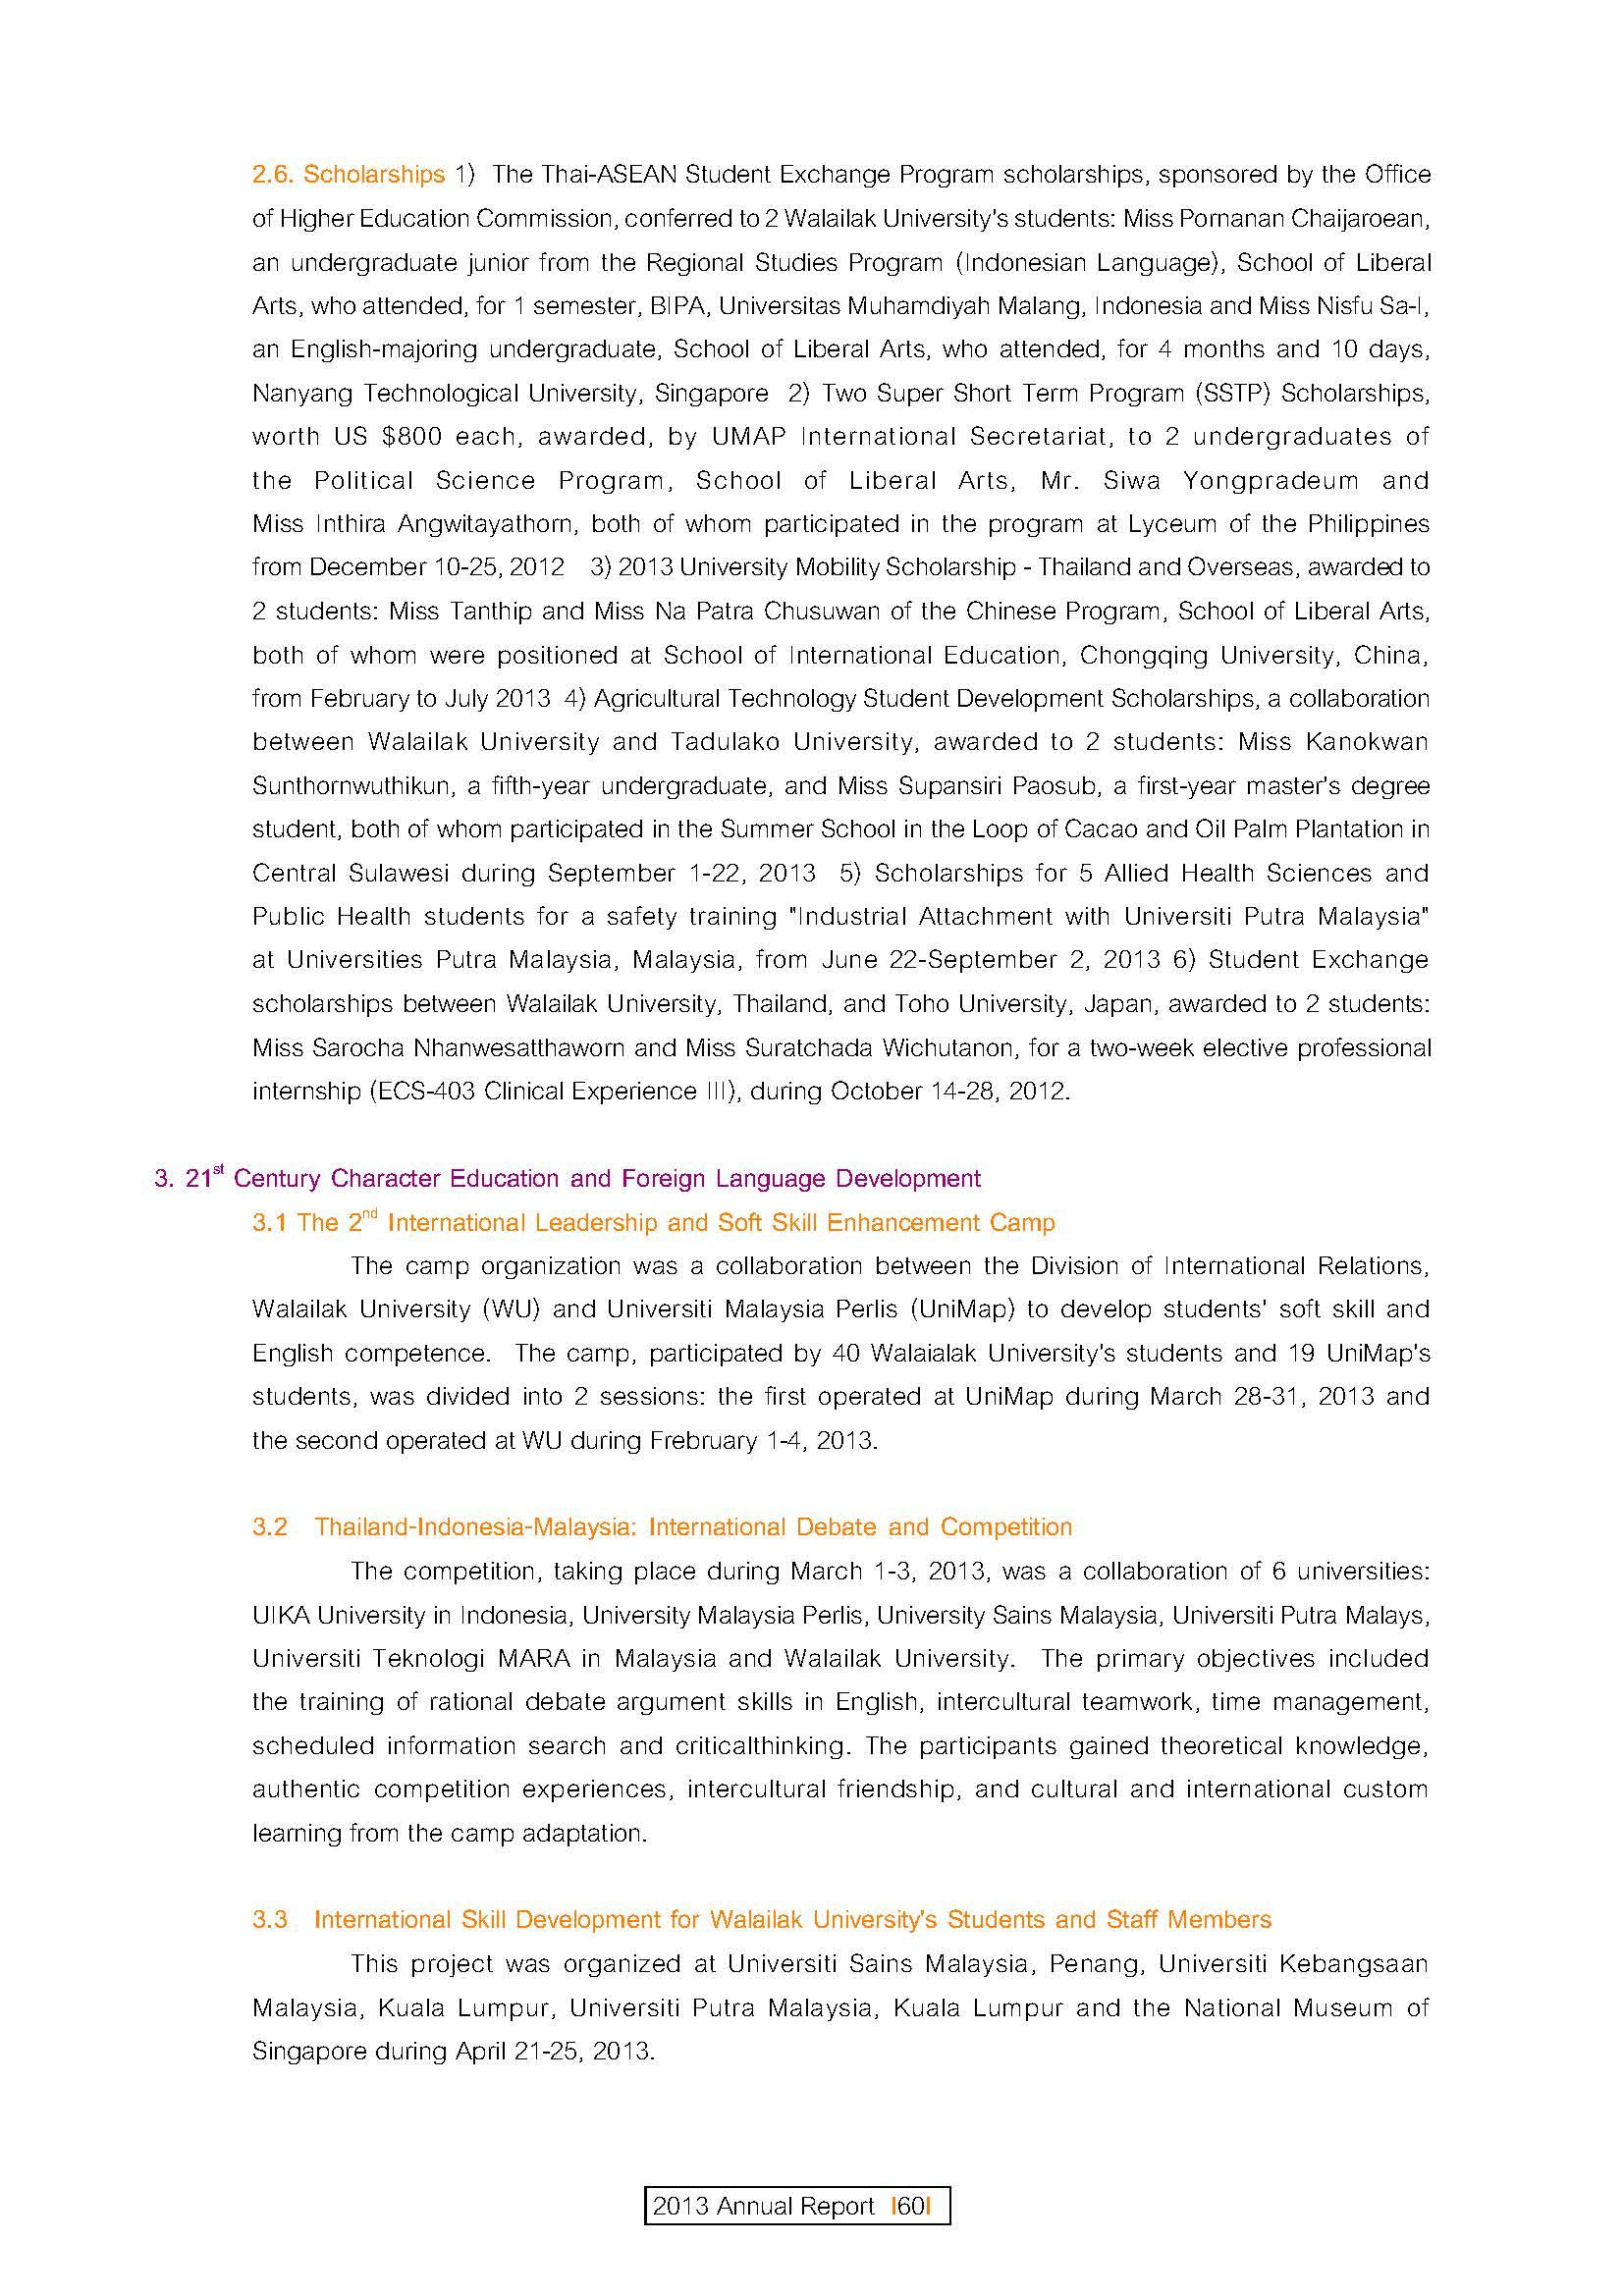 รายงานประจำปี2013ภาษาอังกฤษ_Page_60